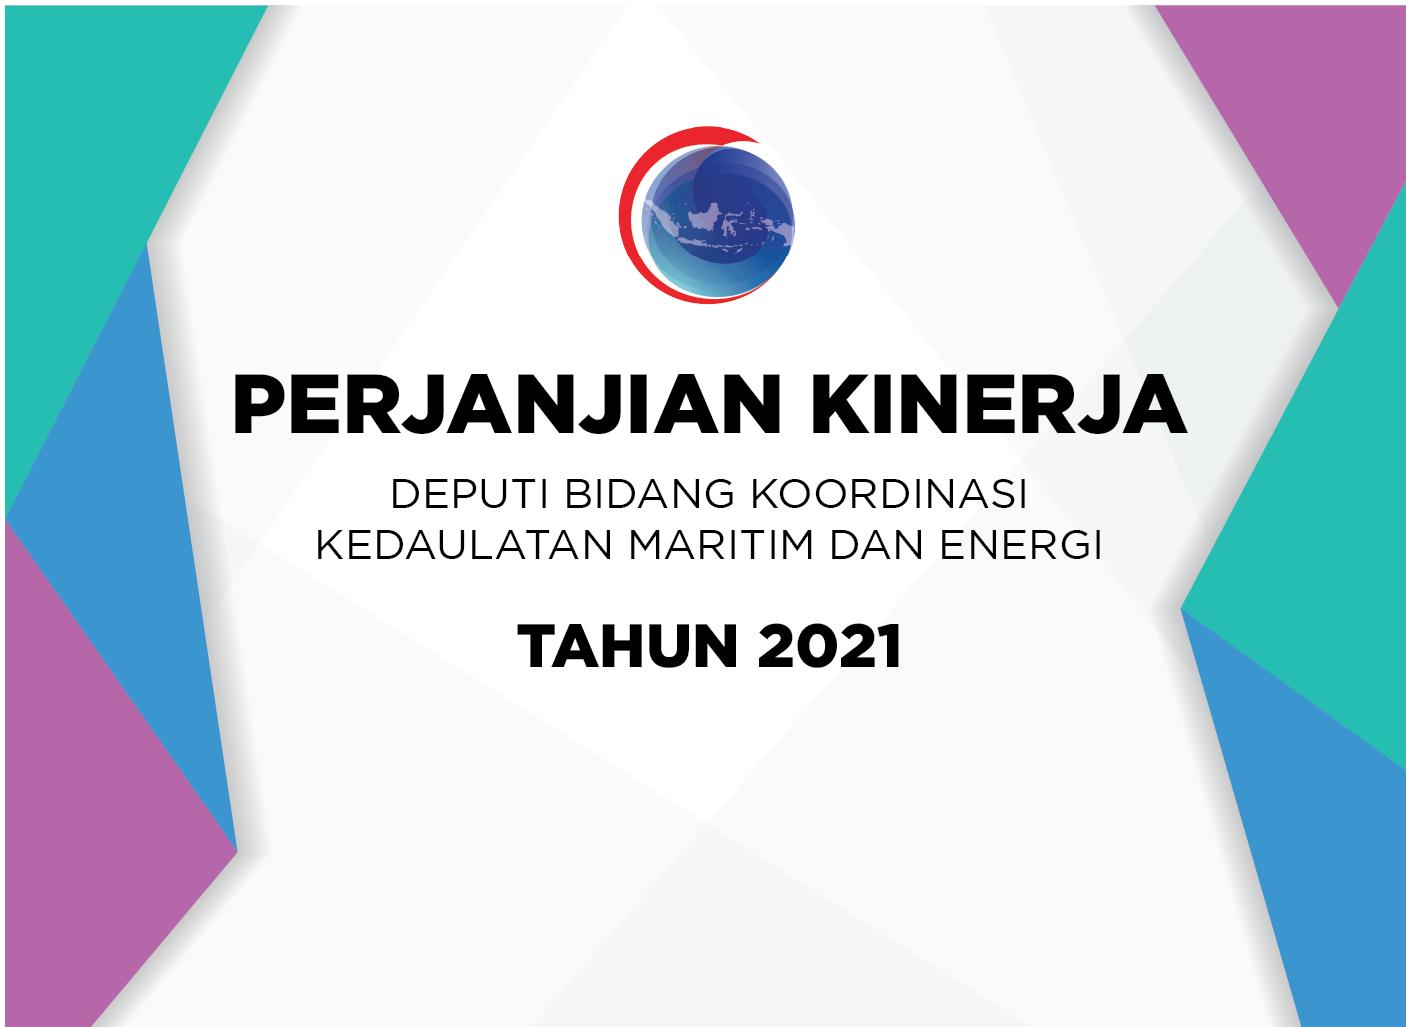 Perjanjian Kinerja Deputi Bidang Koordinasi Kedaulatan Maritim dan Energi Tahun 2021